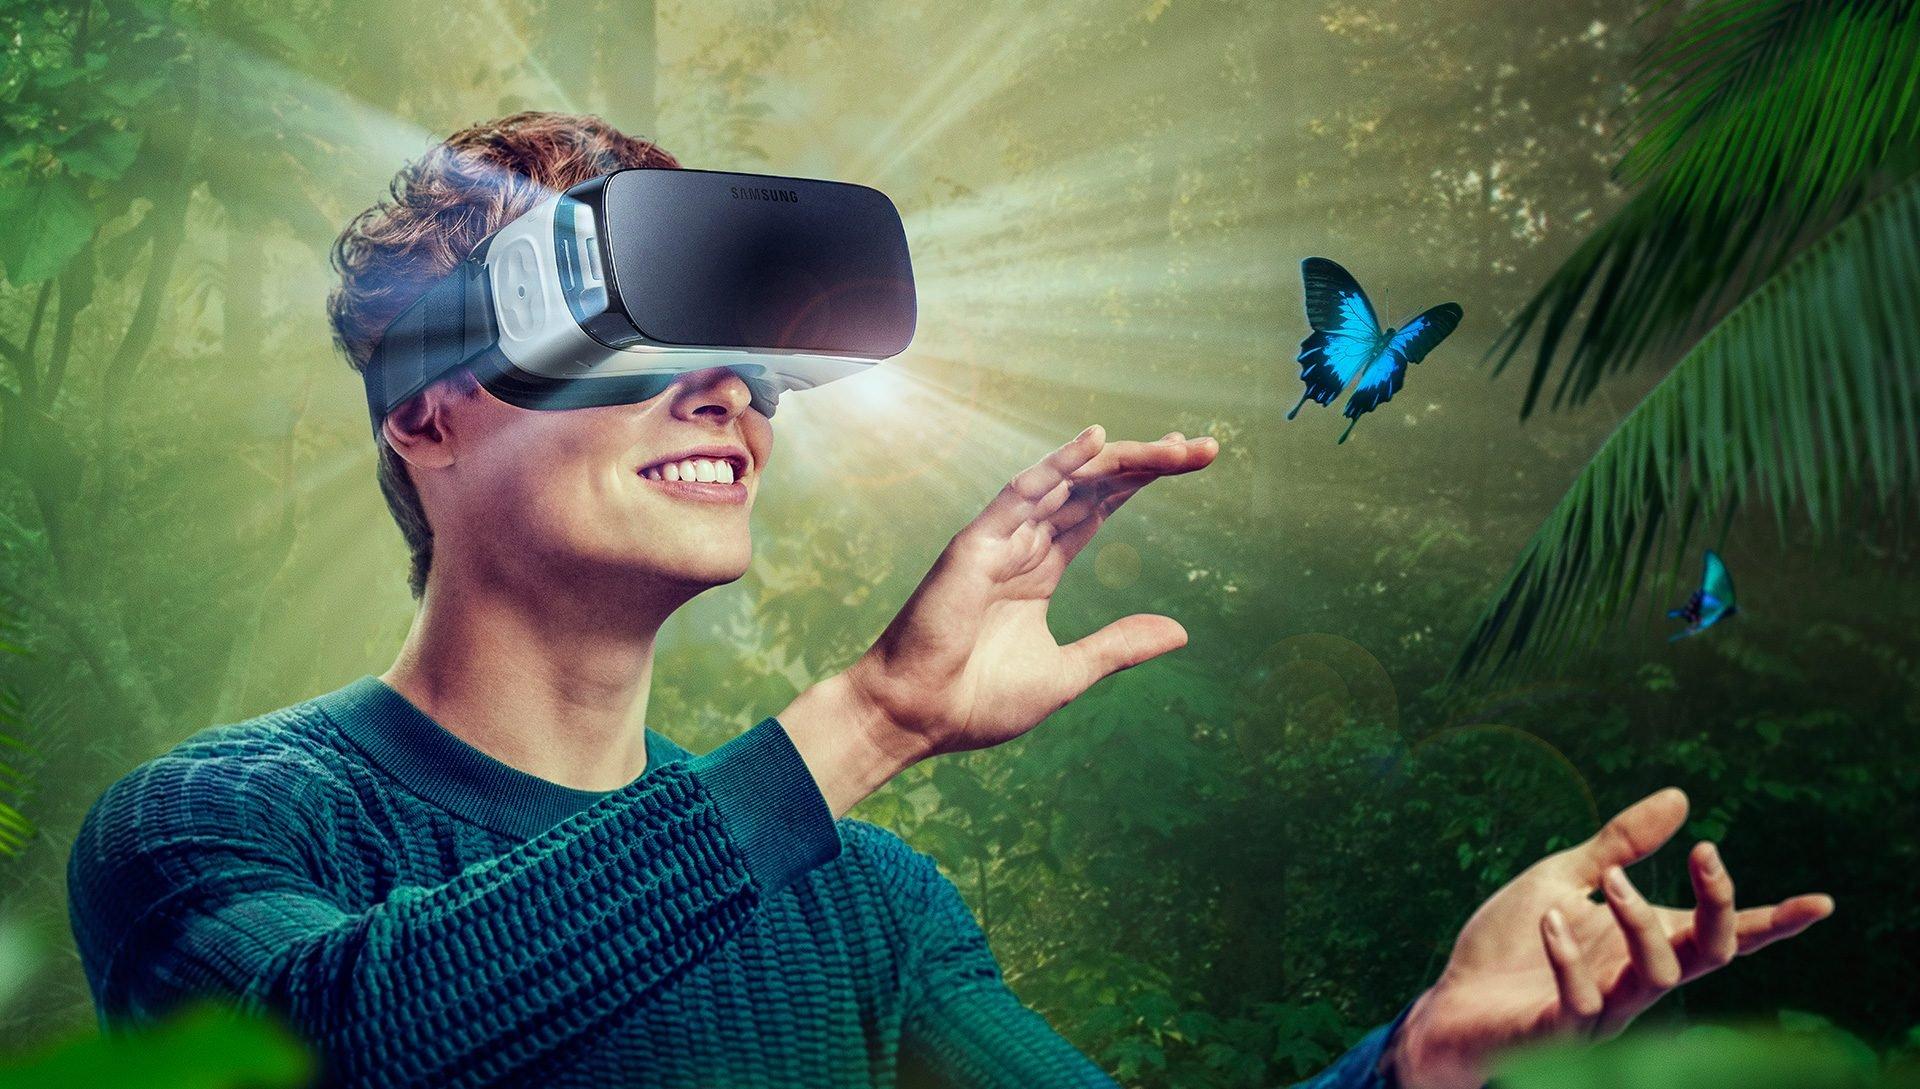 VR Boy